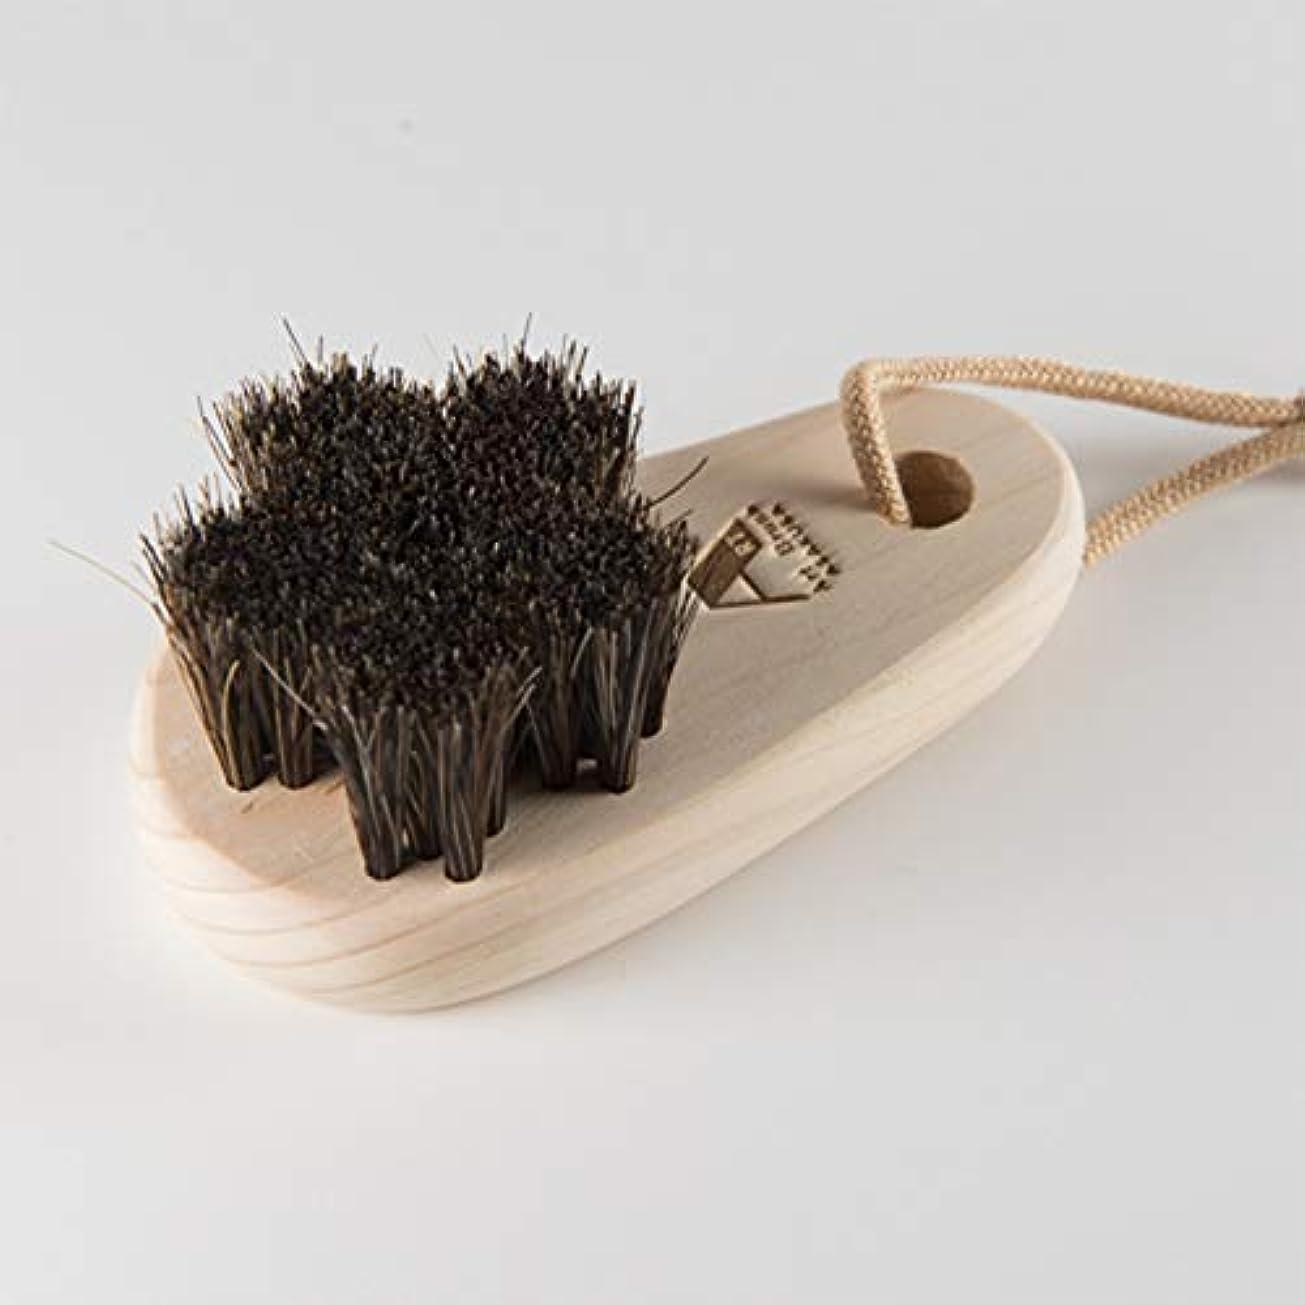 アナロジーポーズチャーム浅草アートブラシ 馬毛のフットブラシ「さくら」